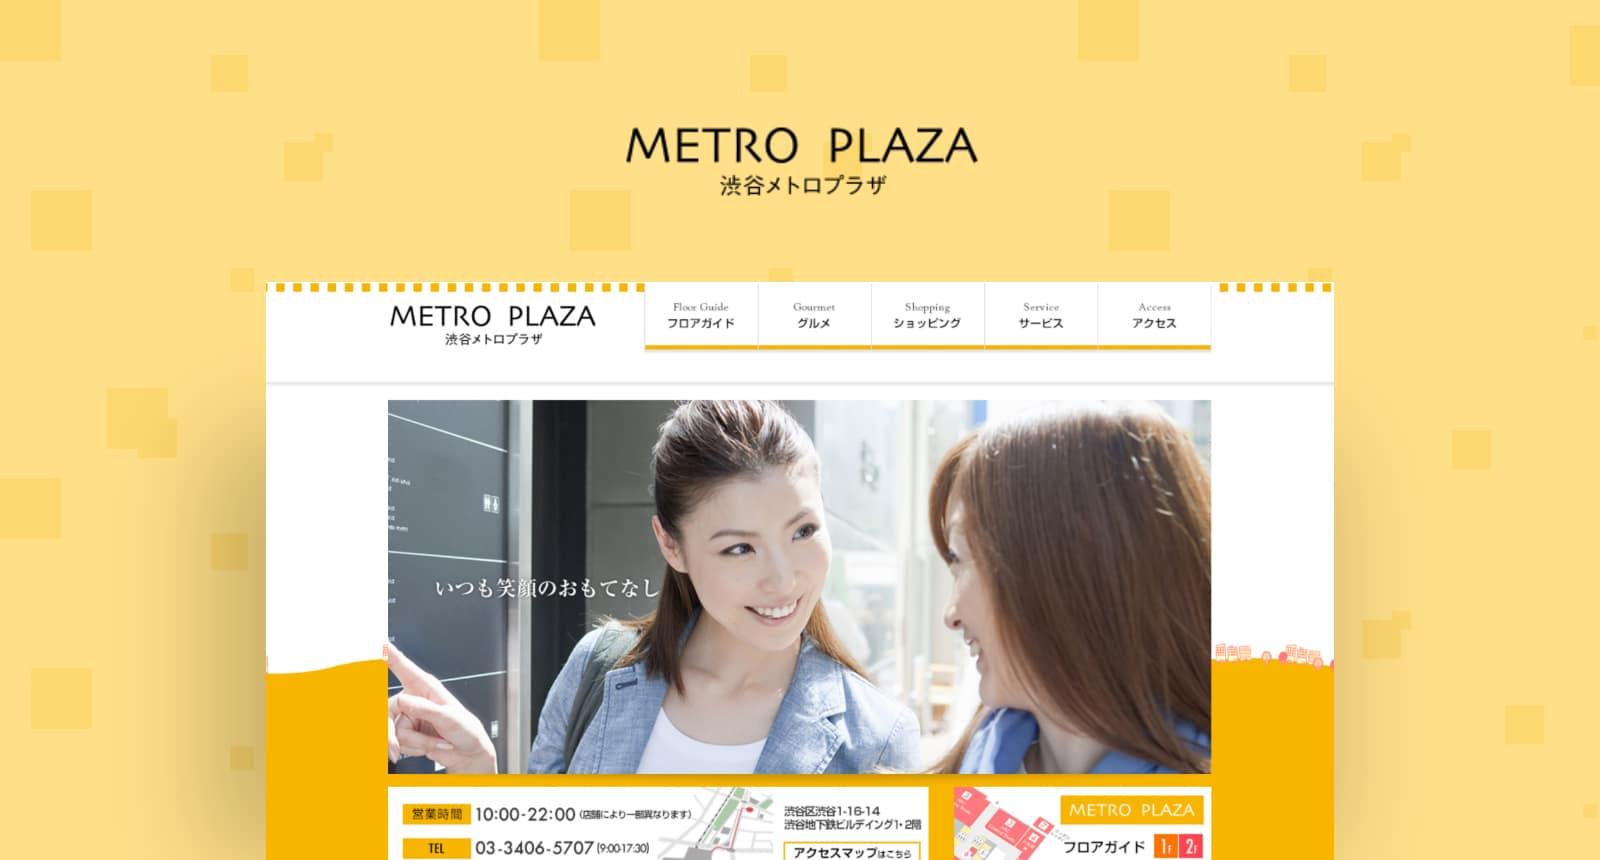 渋谷メトロプラザ